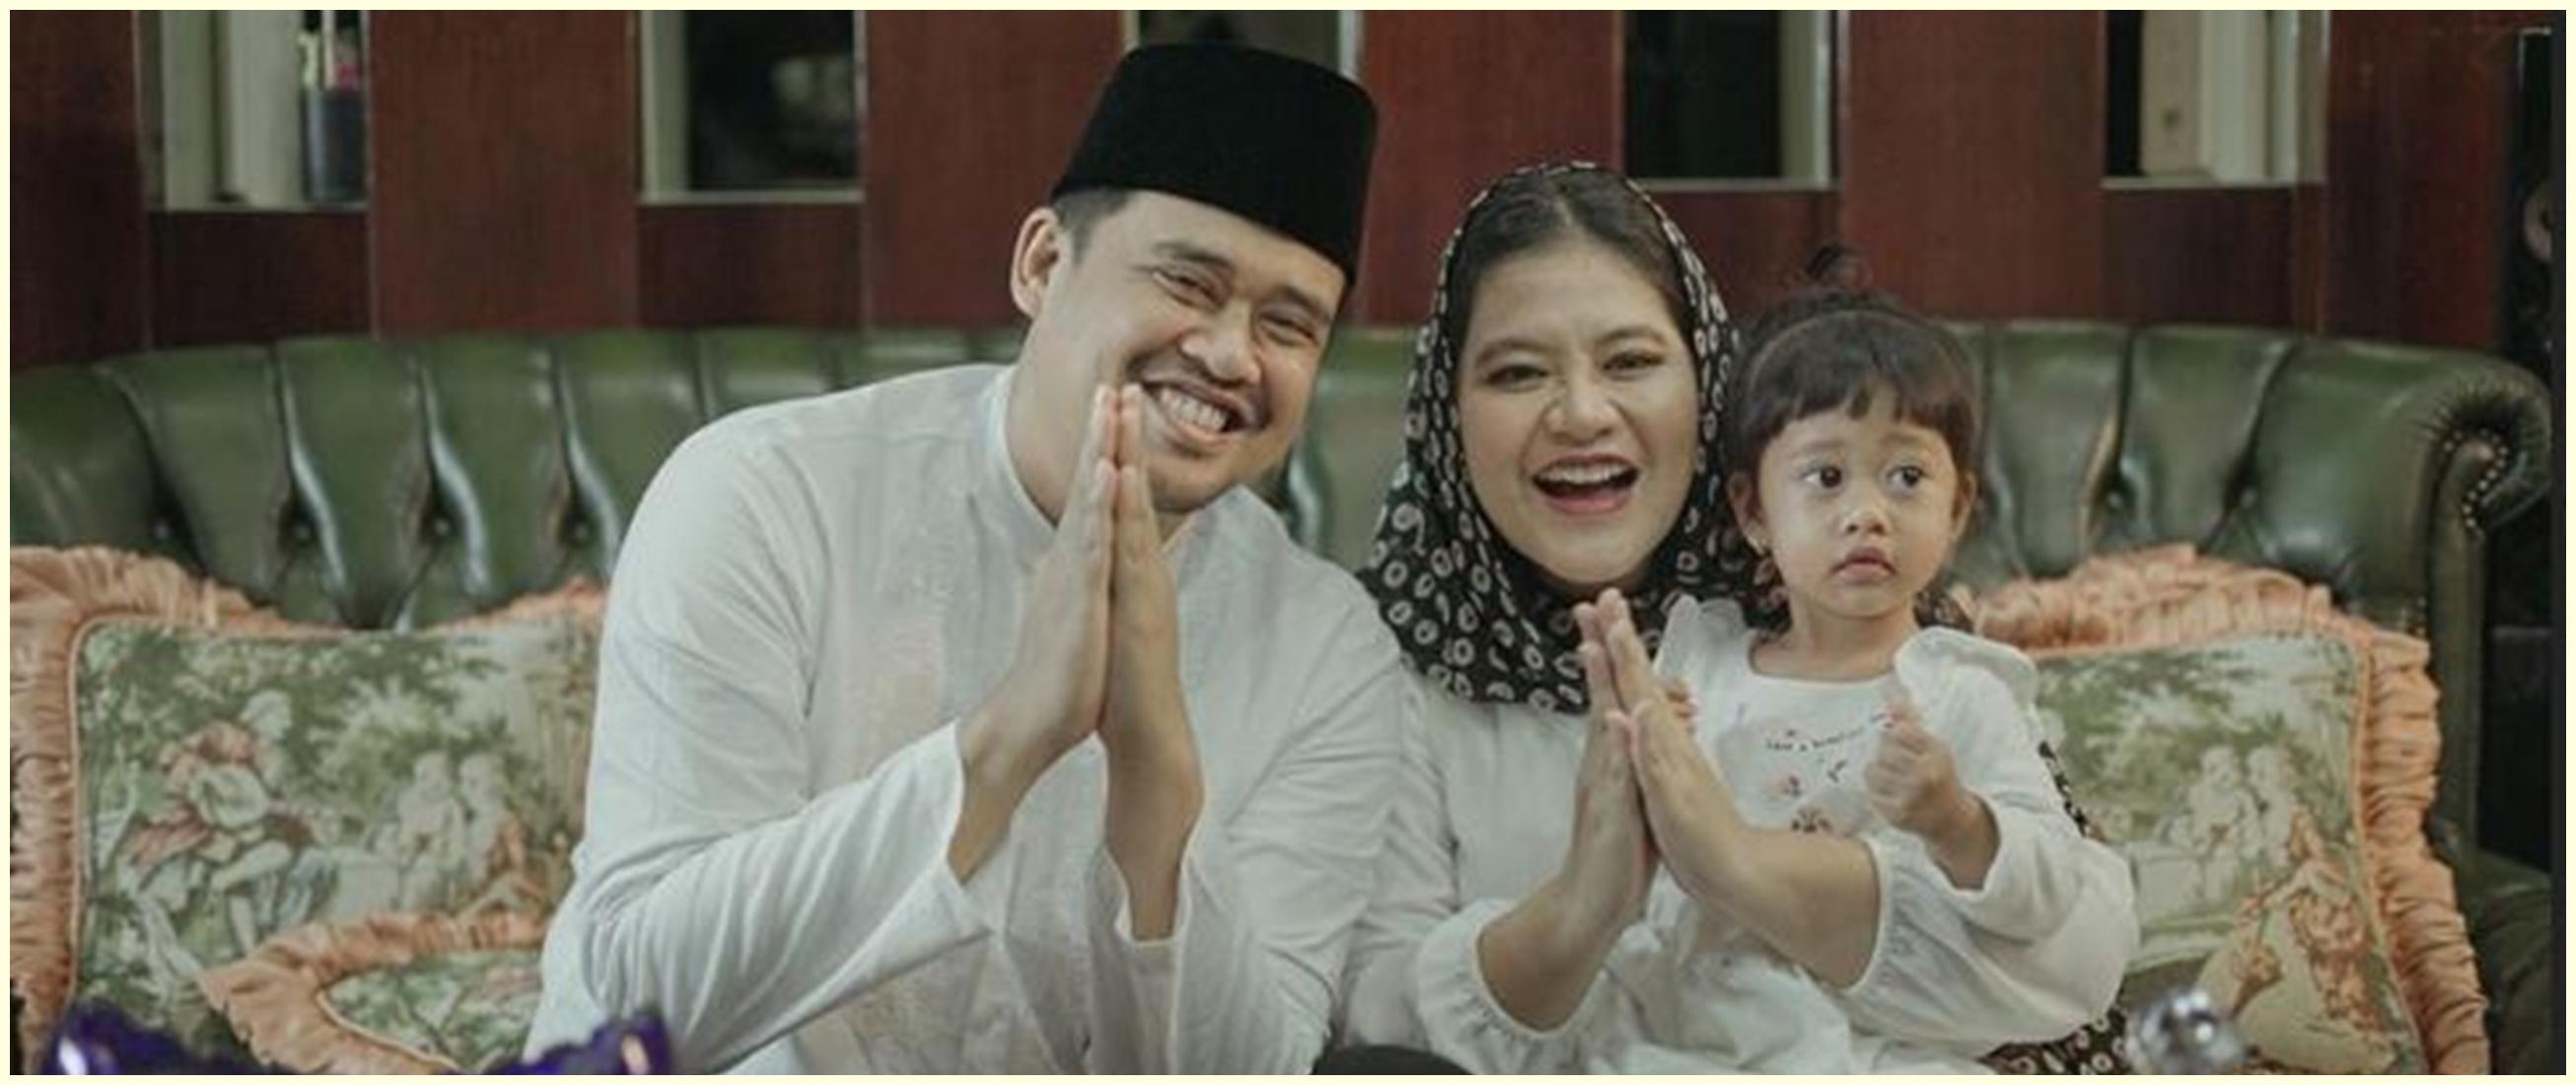 Kahiyang Ayu melahirkan anak kedua, Jokowi dikaruniai cucu keempat